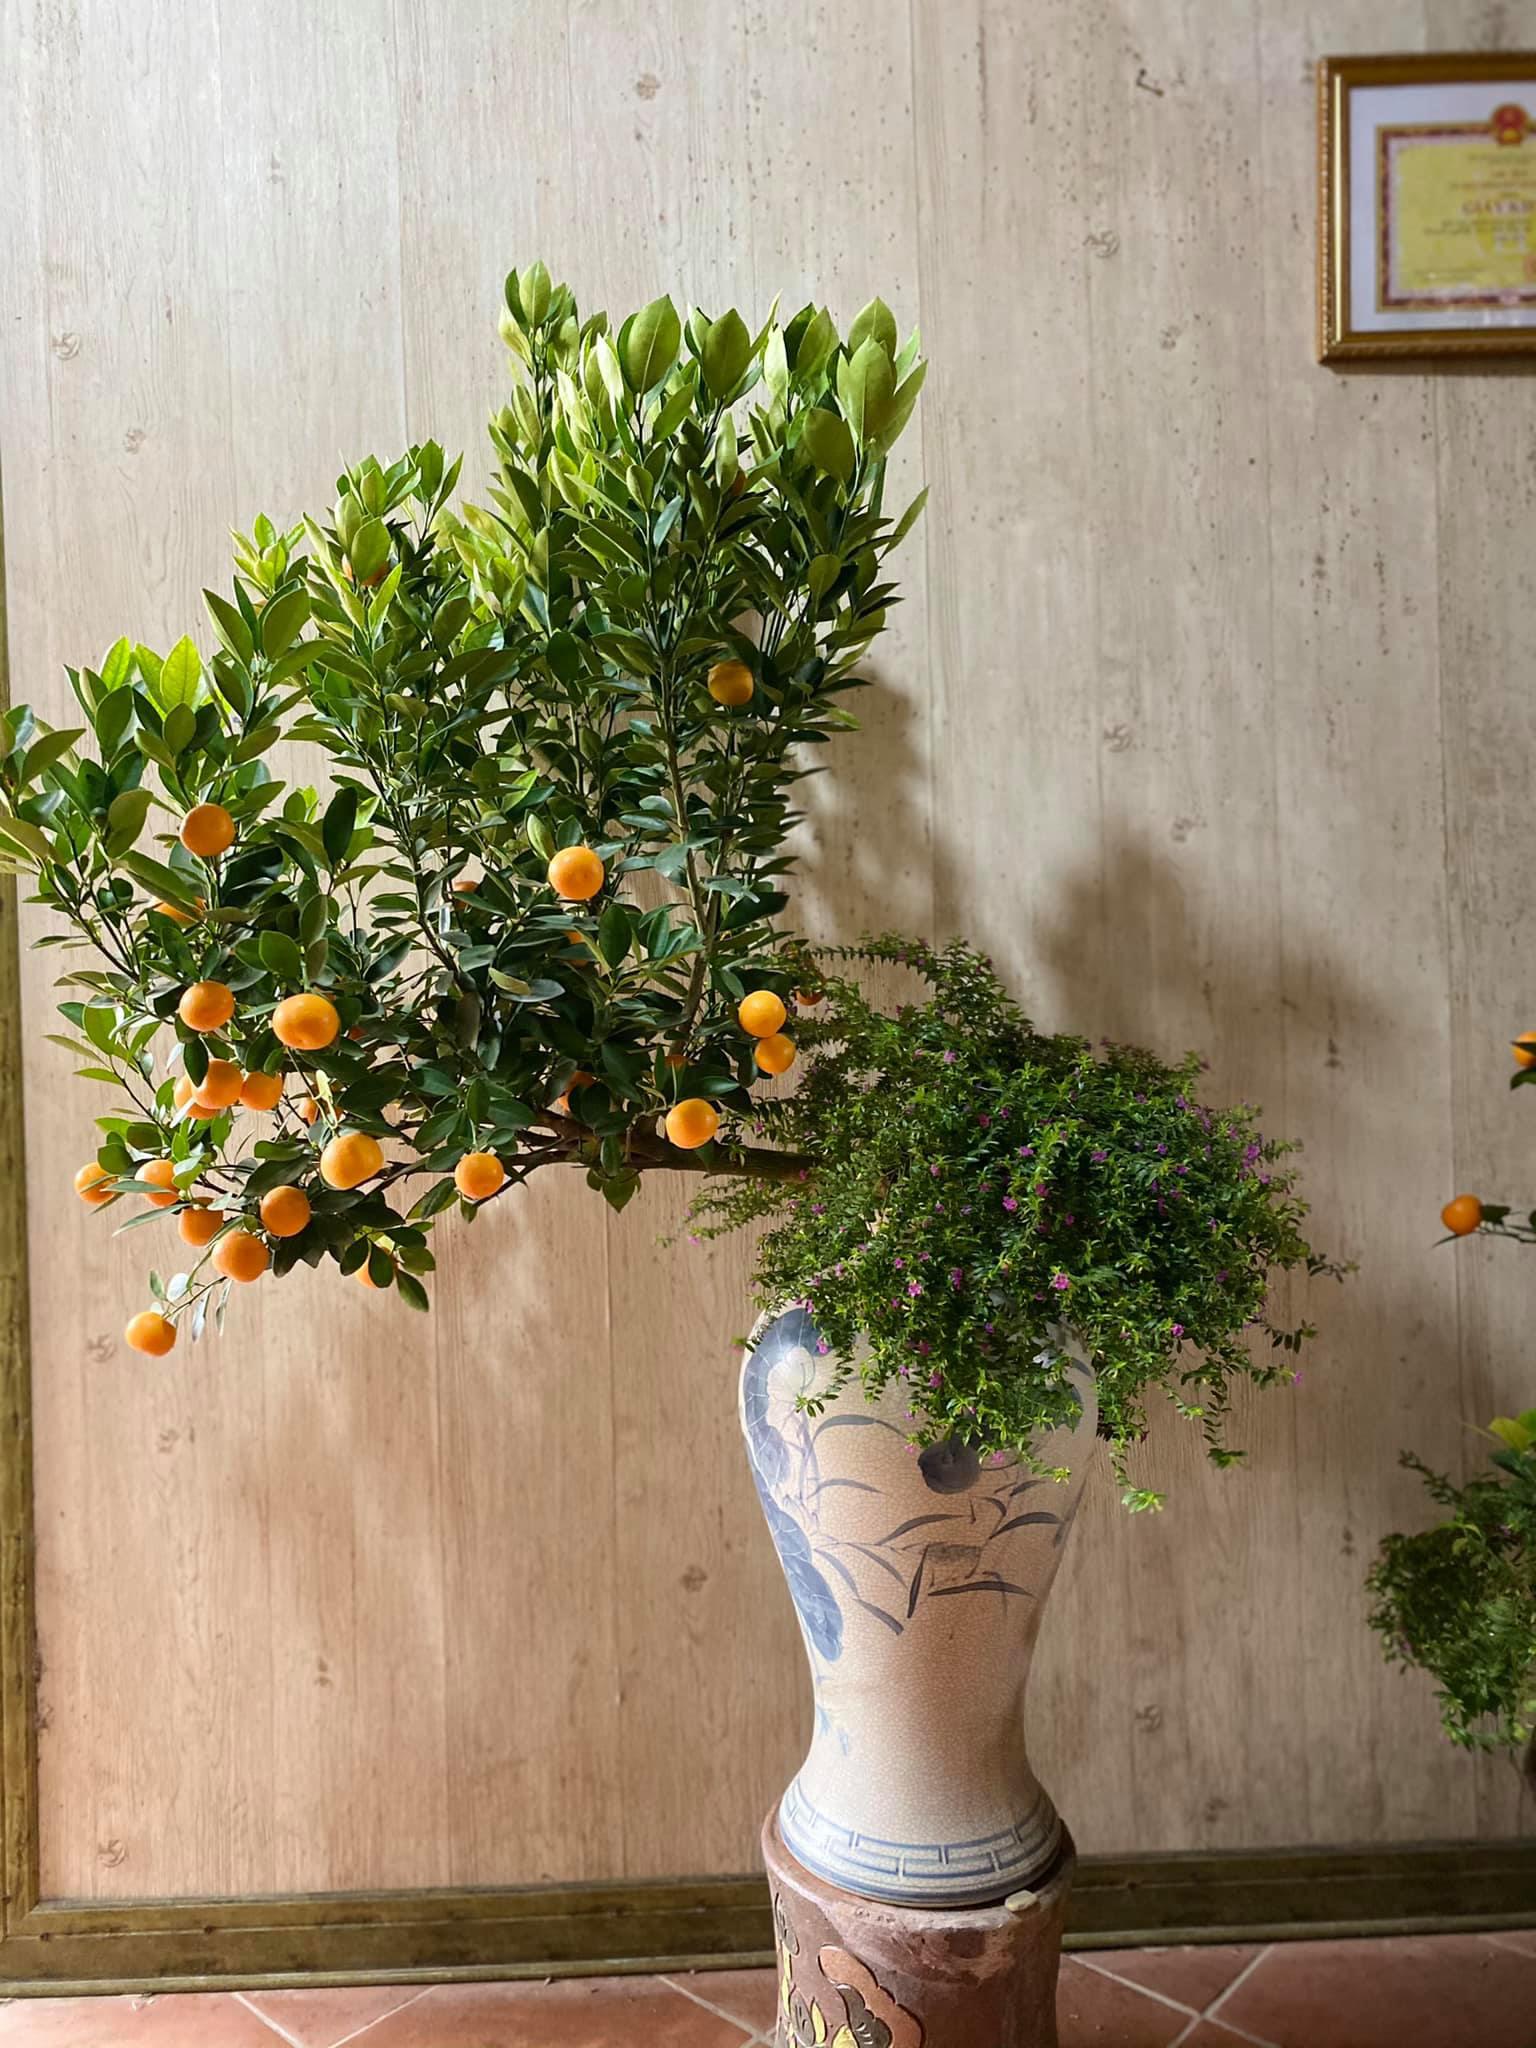 Tết Tân Sửu: Quất bonsai mini, vừa túi tiền dễ bán, dễ mua, dễ trưng bày đắt khách như tôm tươi - Ảnh 9.